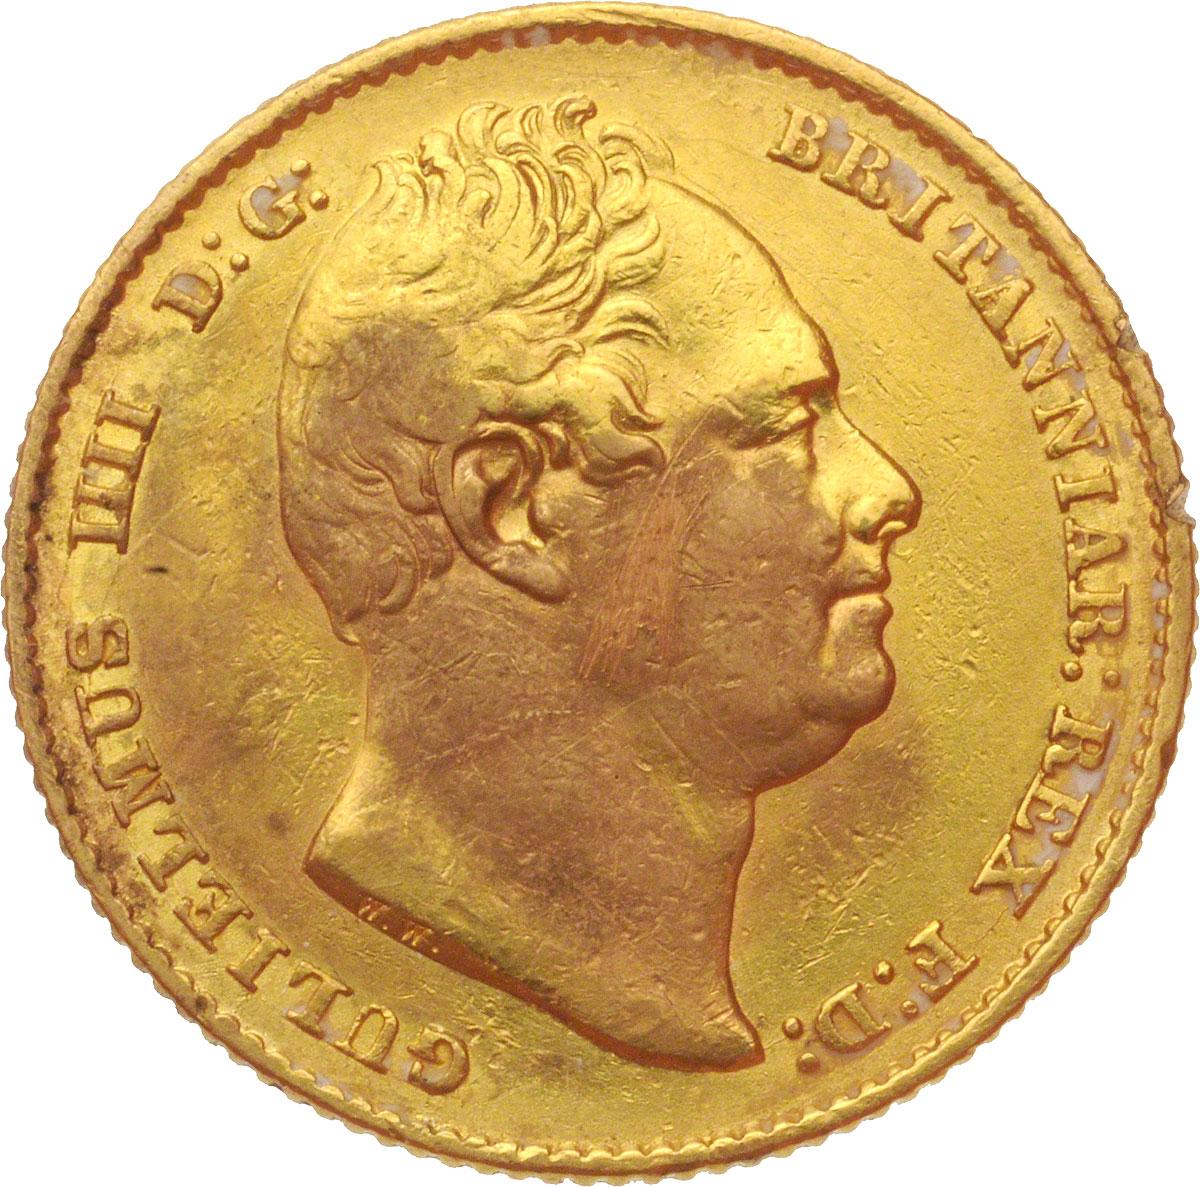 1832 Γουλιέλμος Δ'